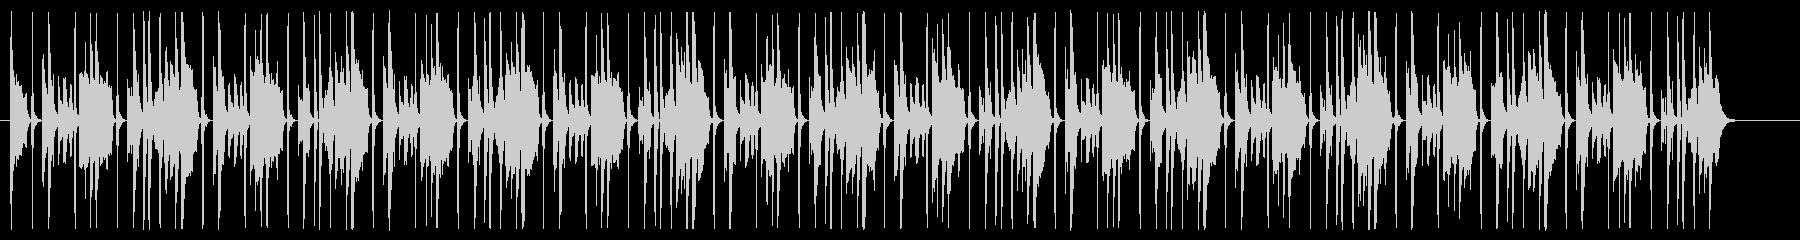 木琴と弦の愉快なBGM シンキングタイムの未再生の波形